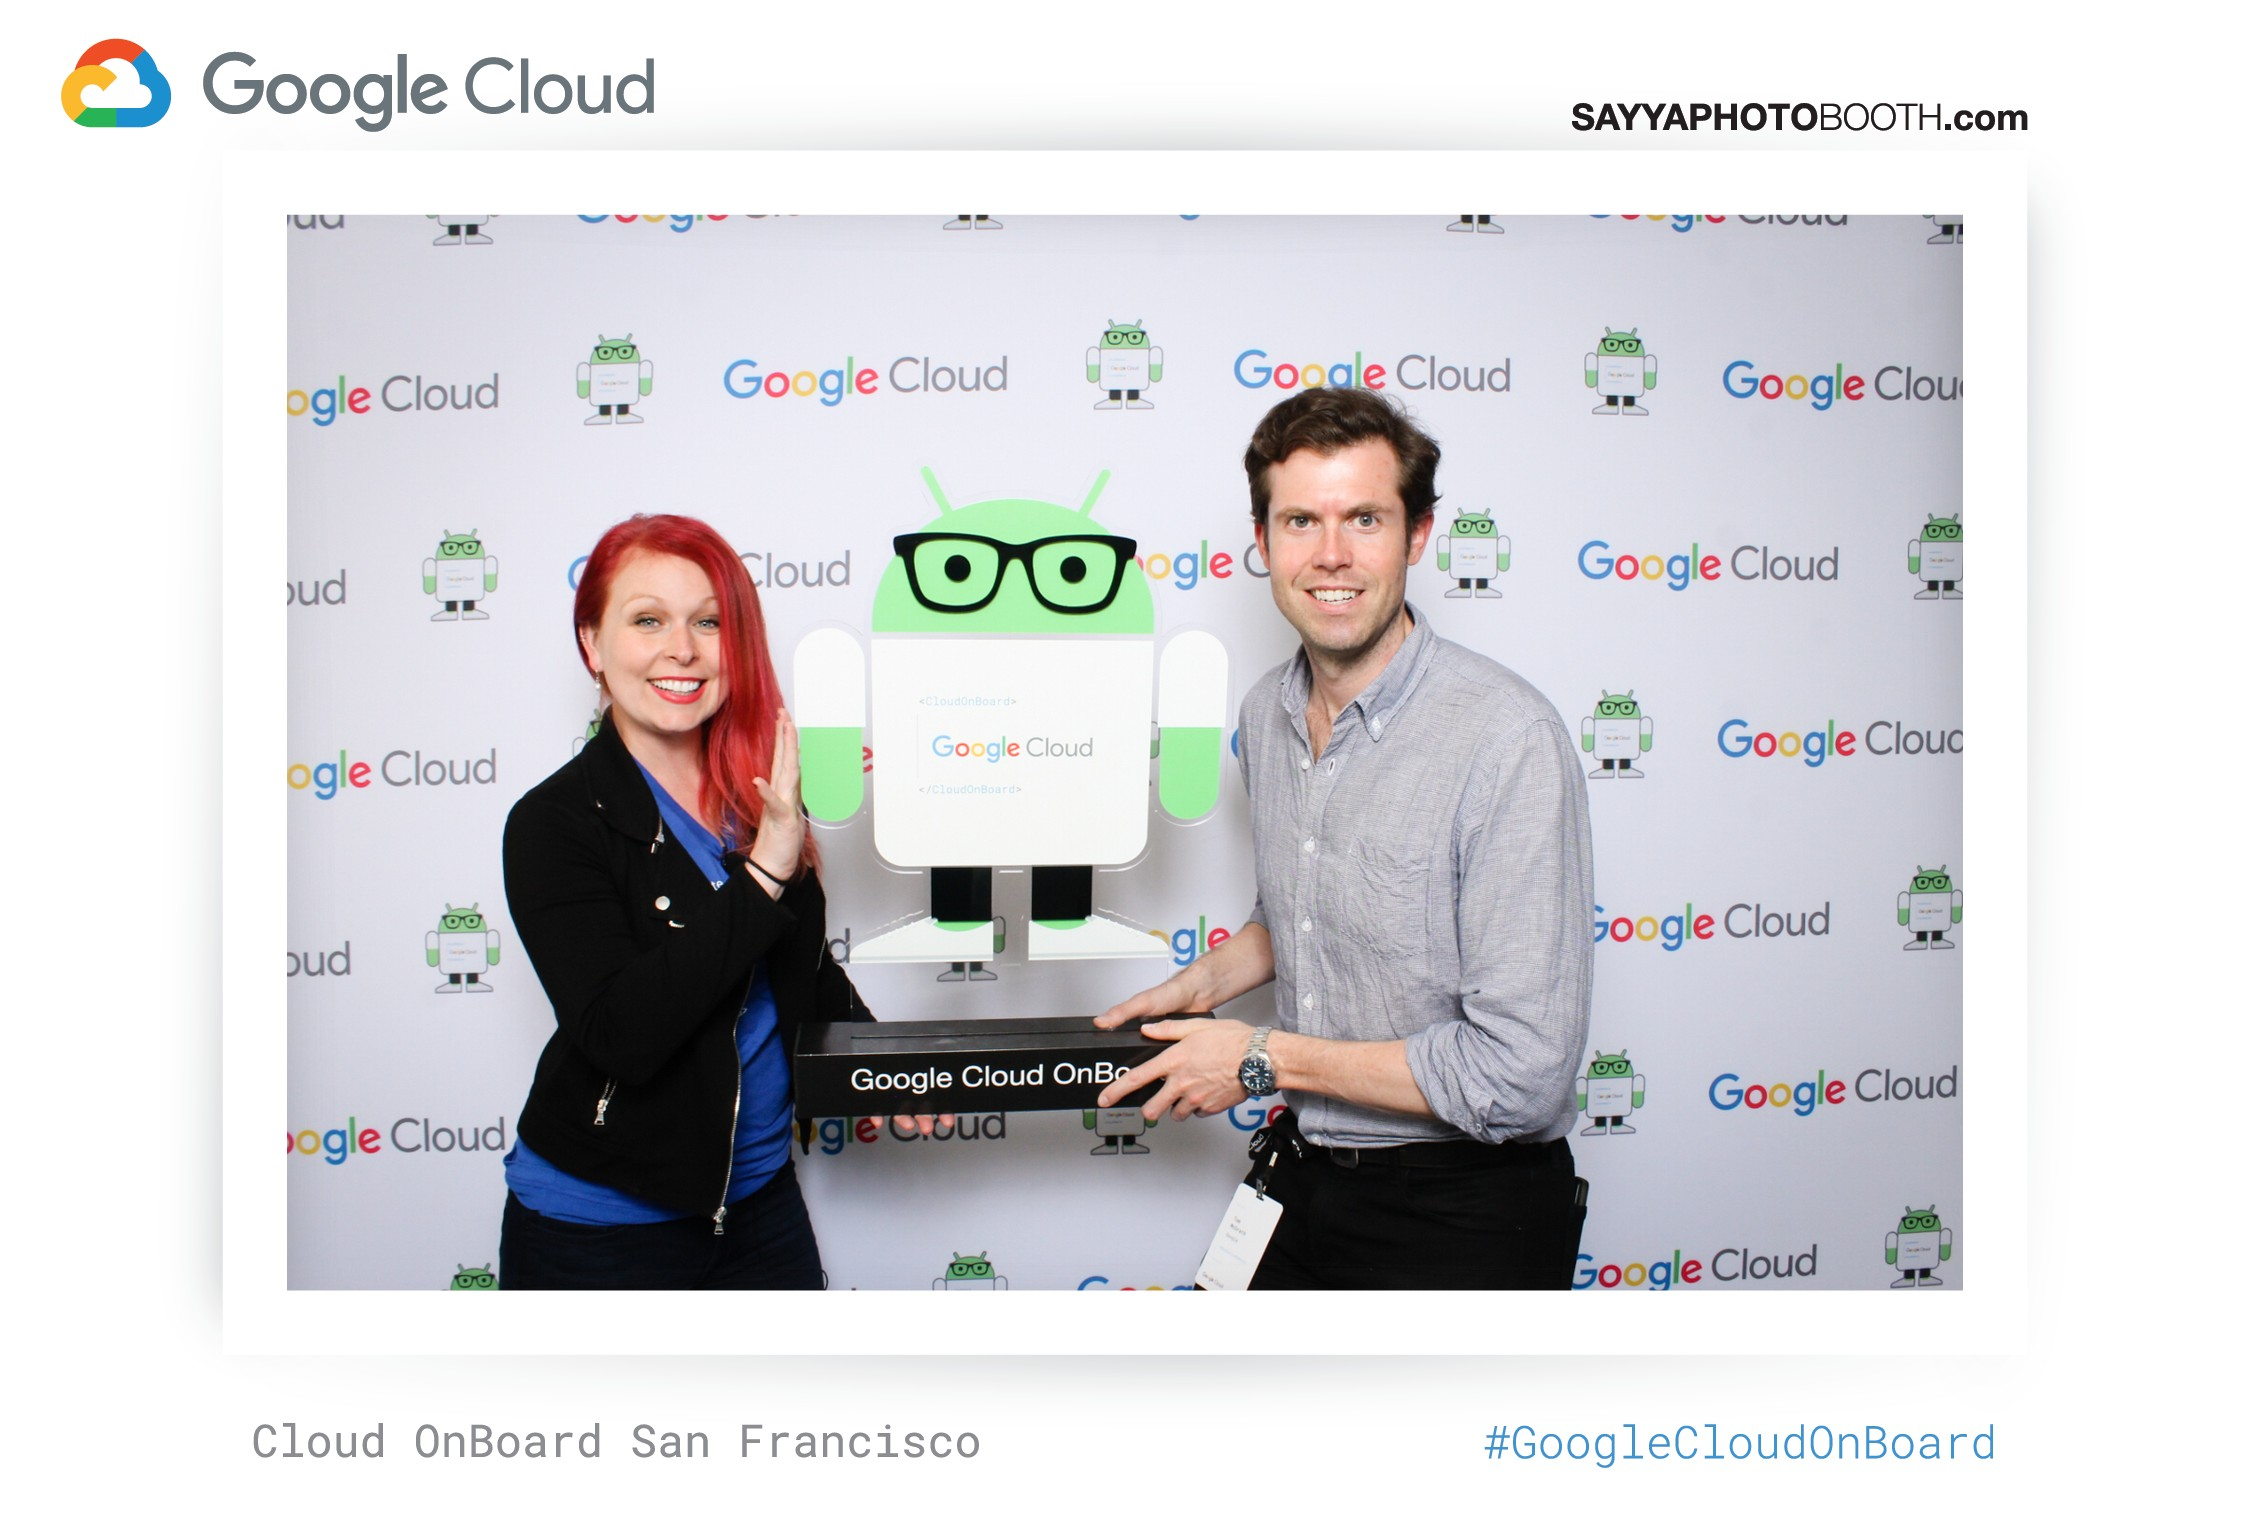 Google Onboard